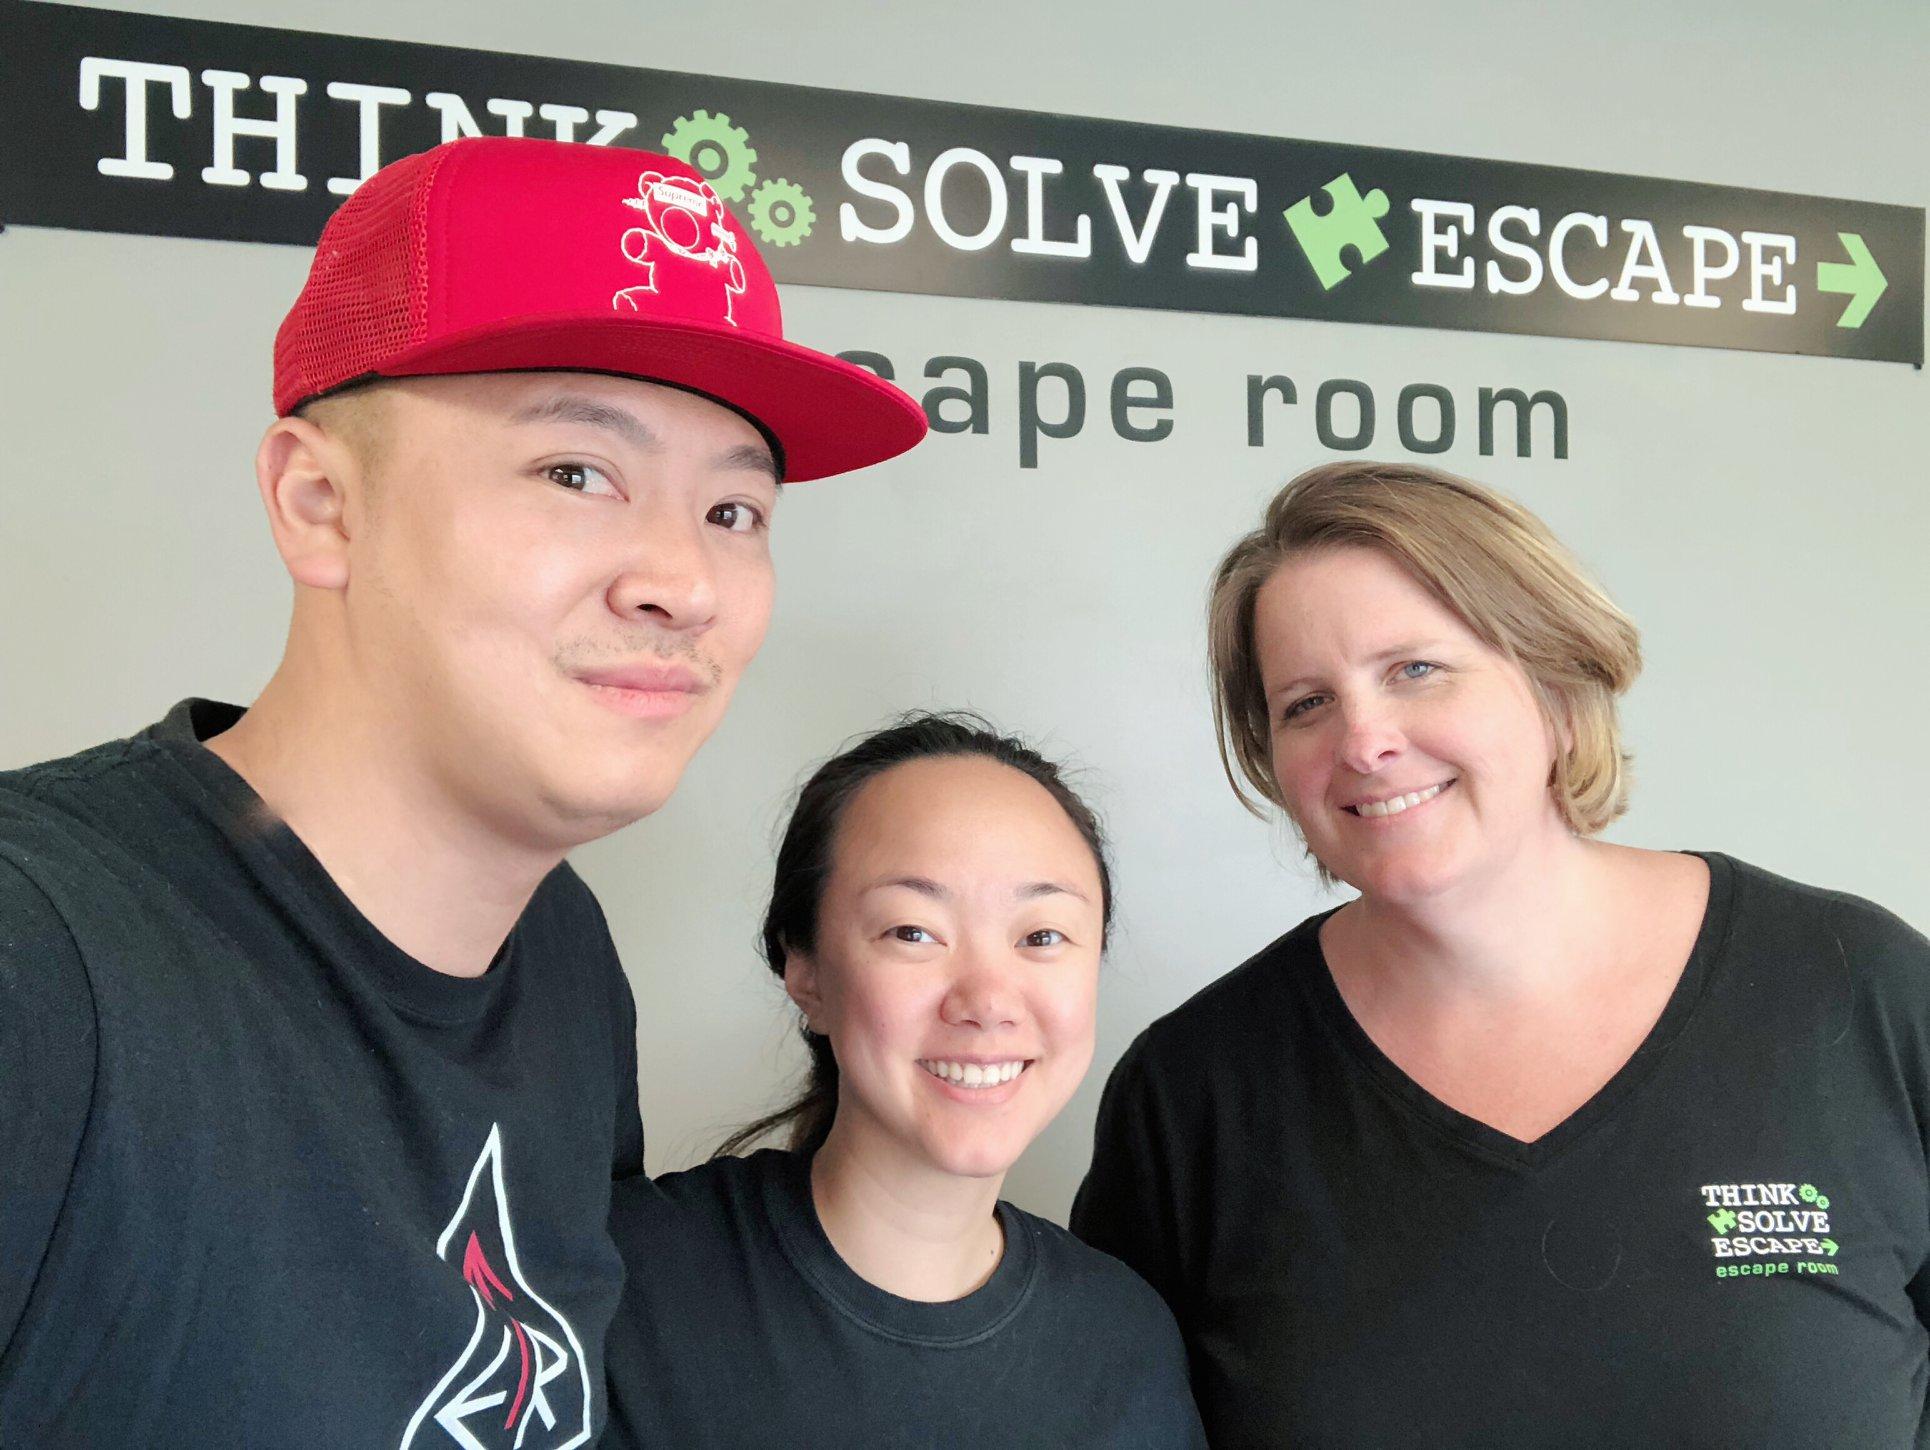 Think Solve Escape